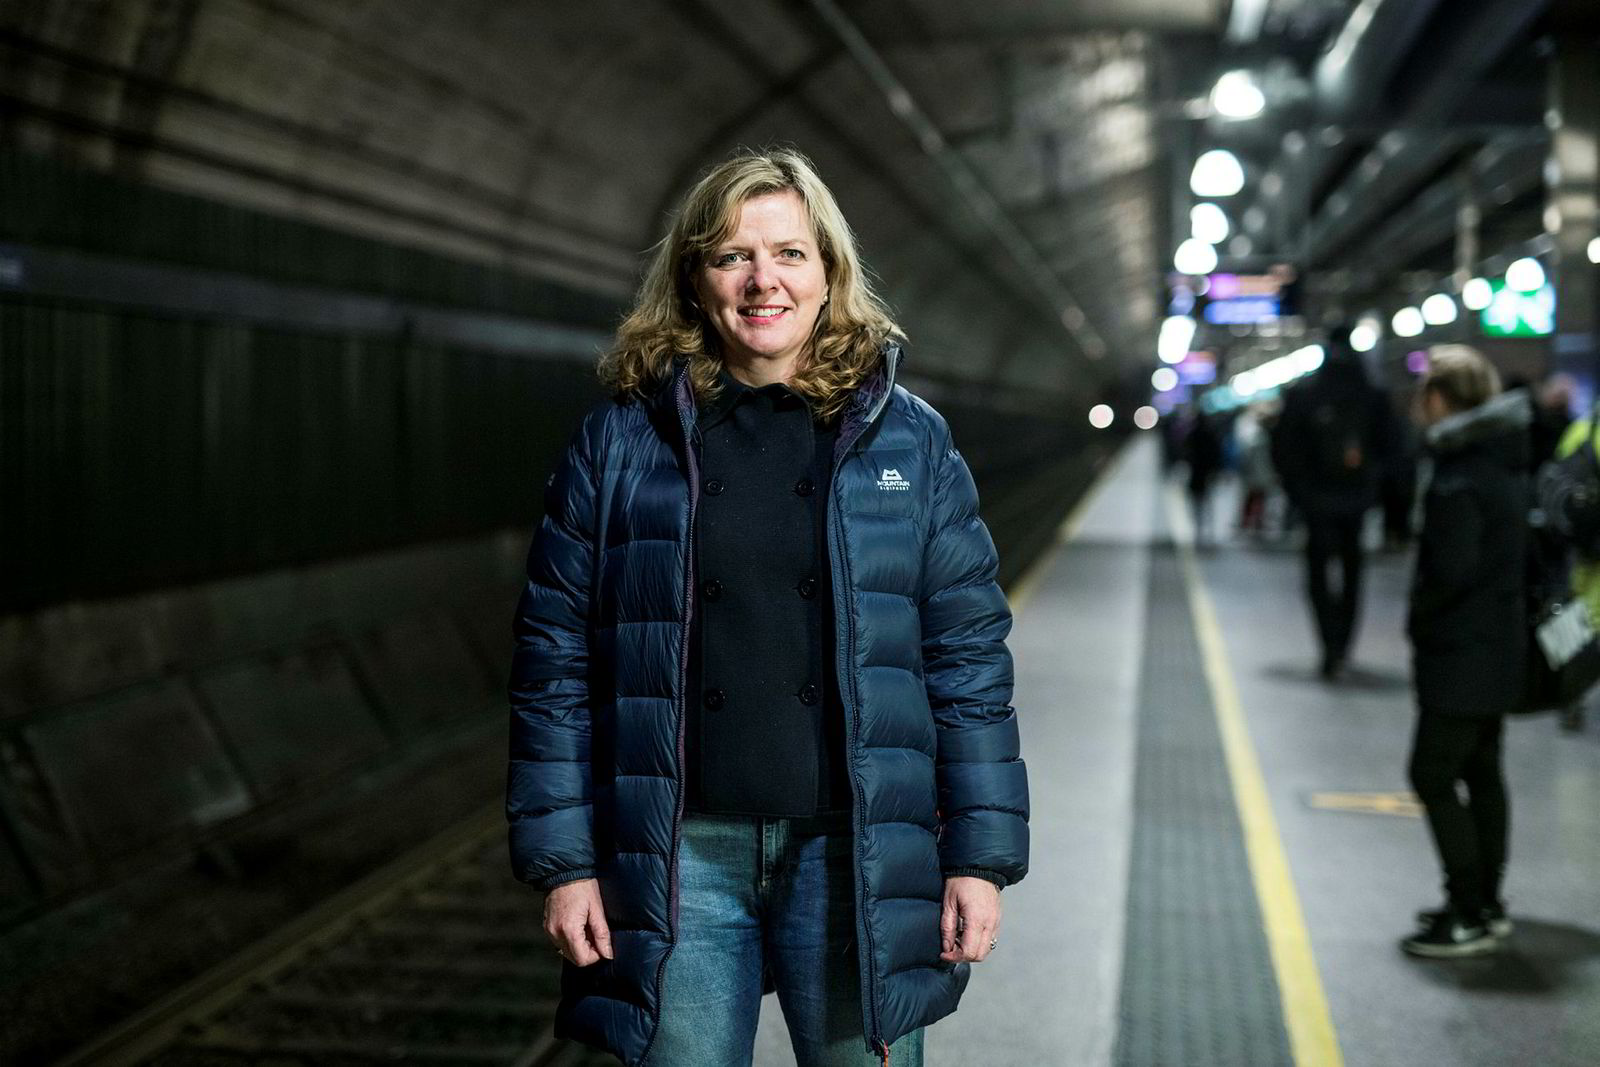 Go-Ahead var 21 millioner kroner billigere enn nærmeste konkurrent, sier jernbanedirektør Kirsti Slotsvik.